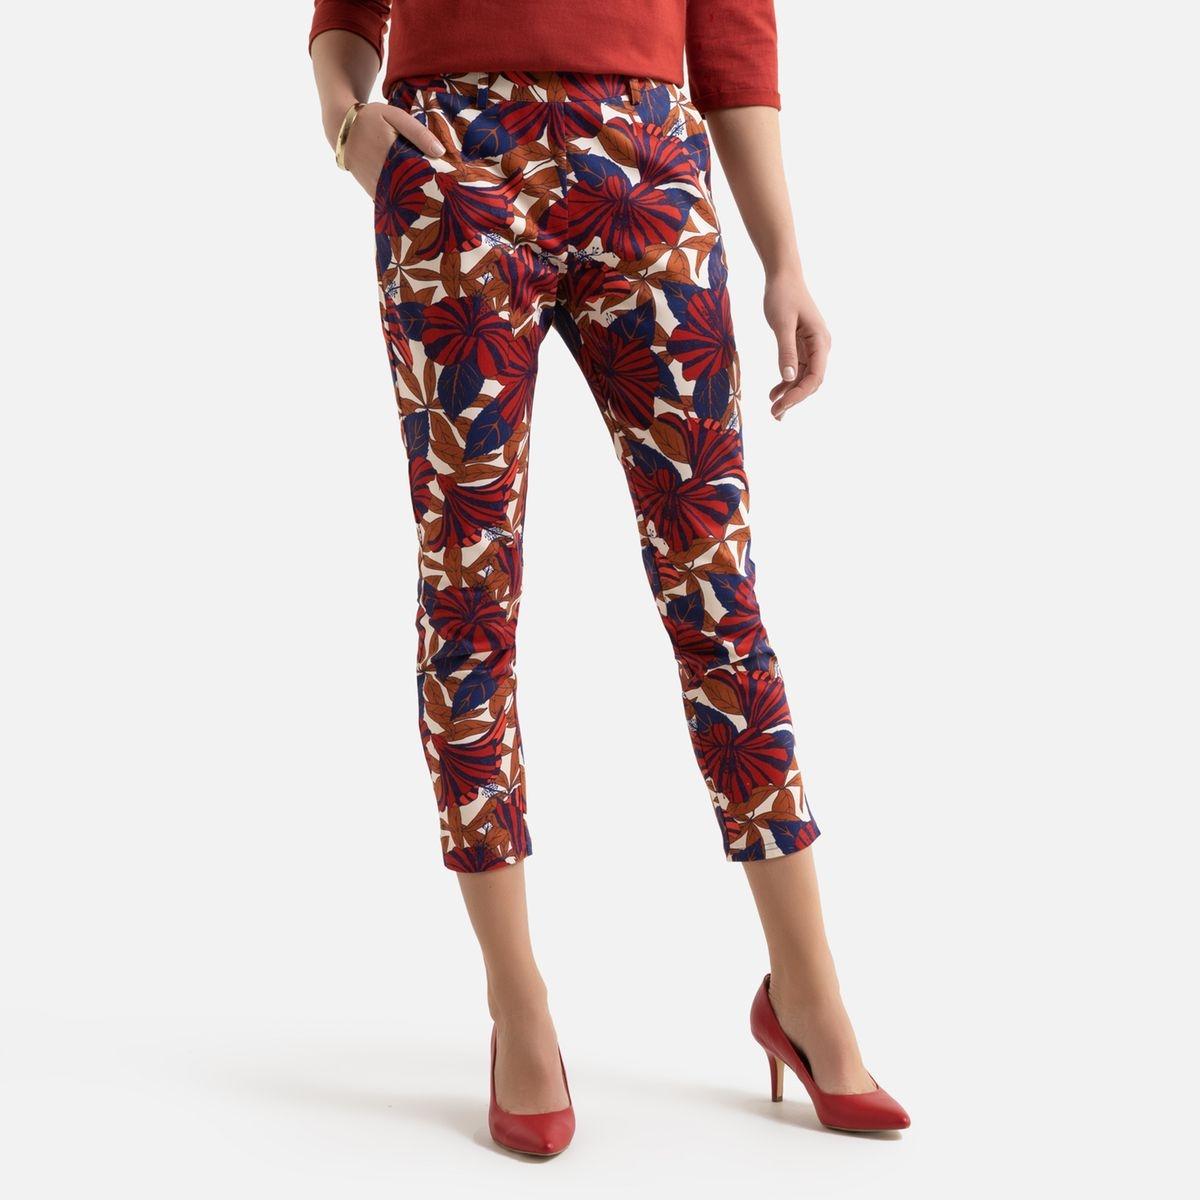 Pantalon 7/8ème slim, imprimé floral